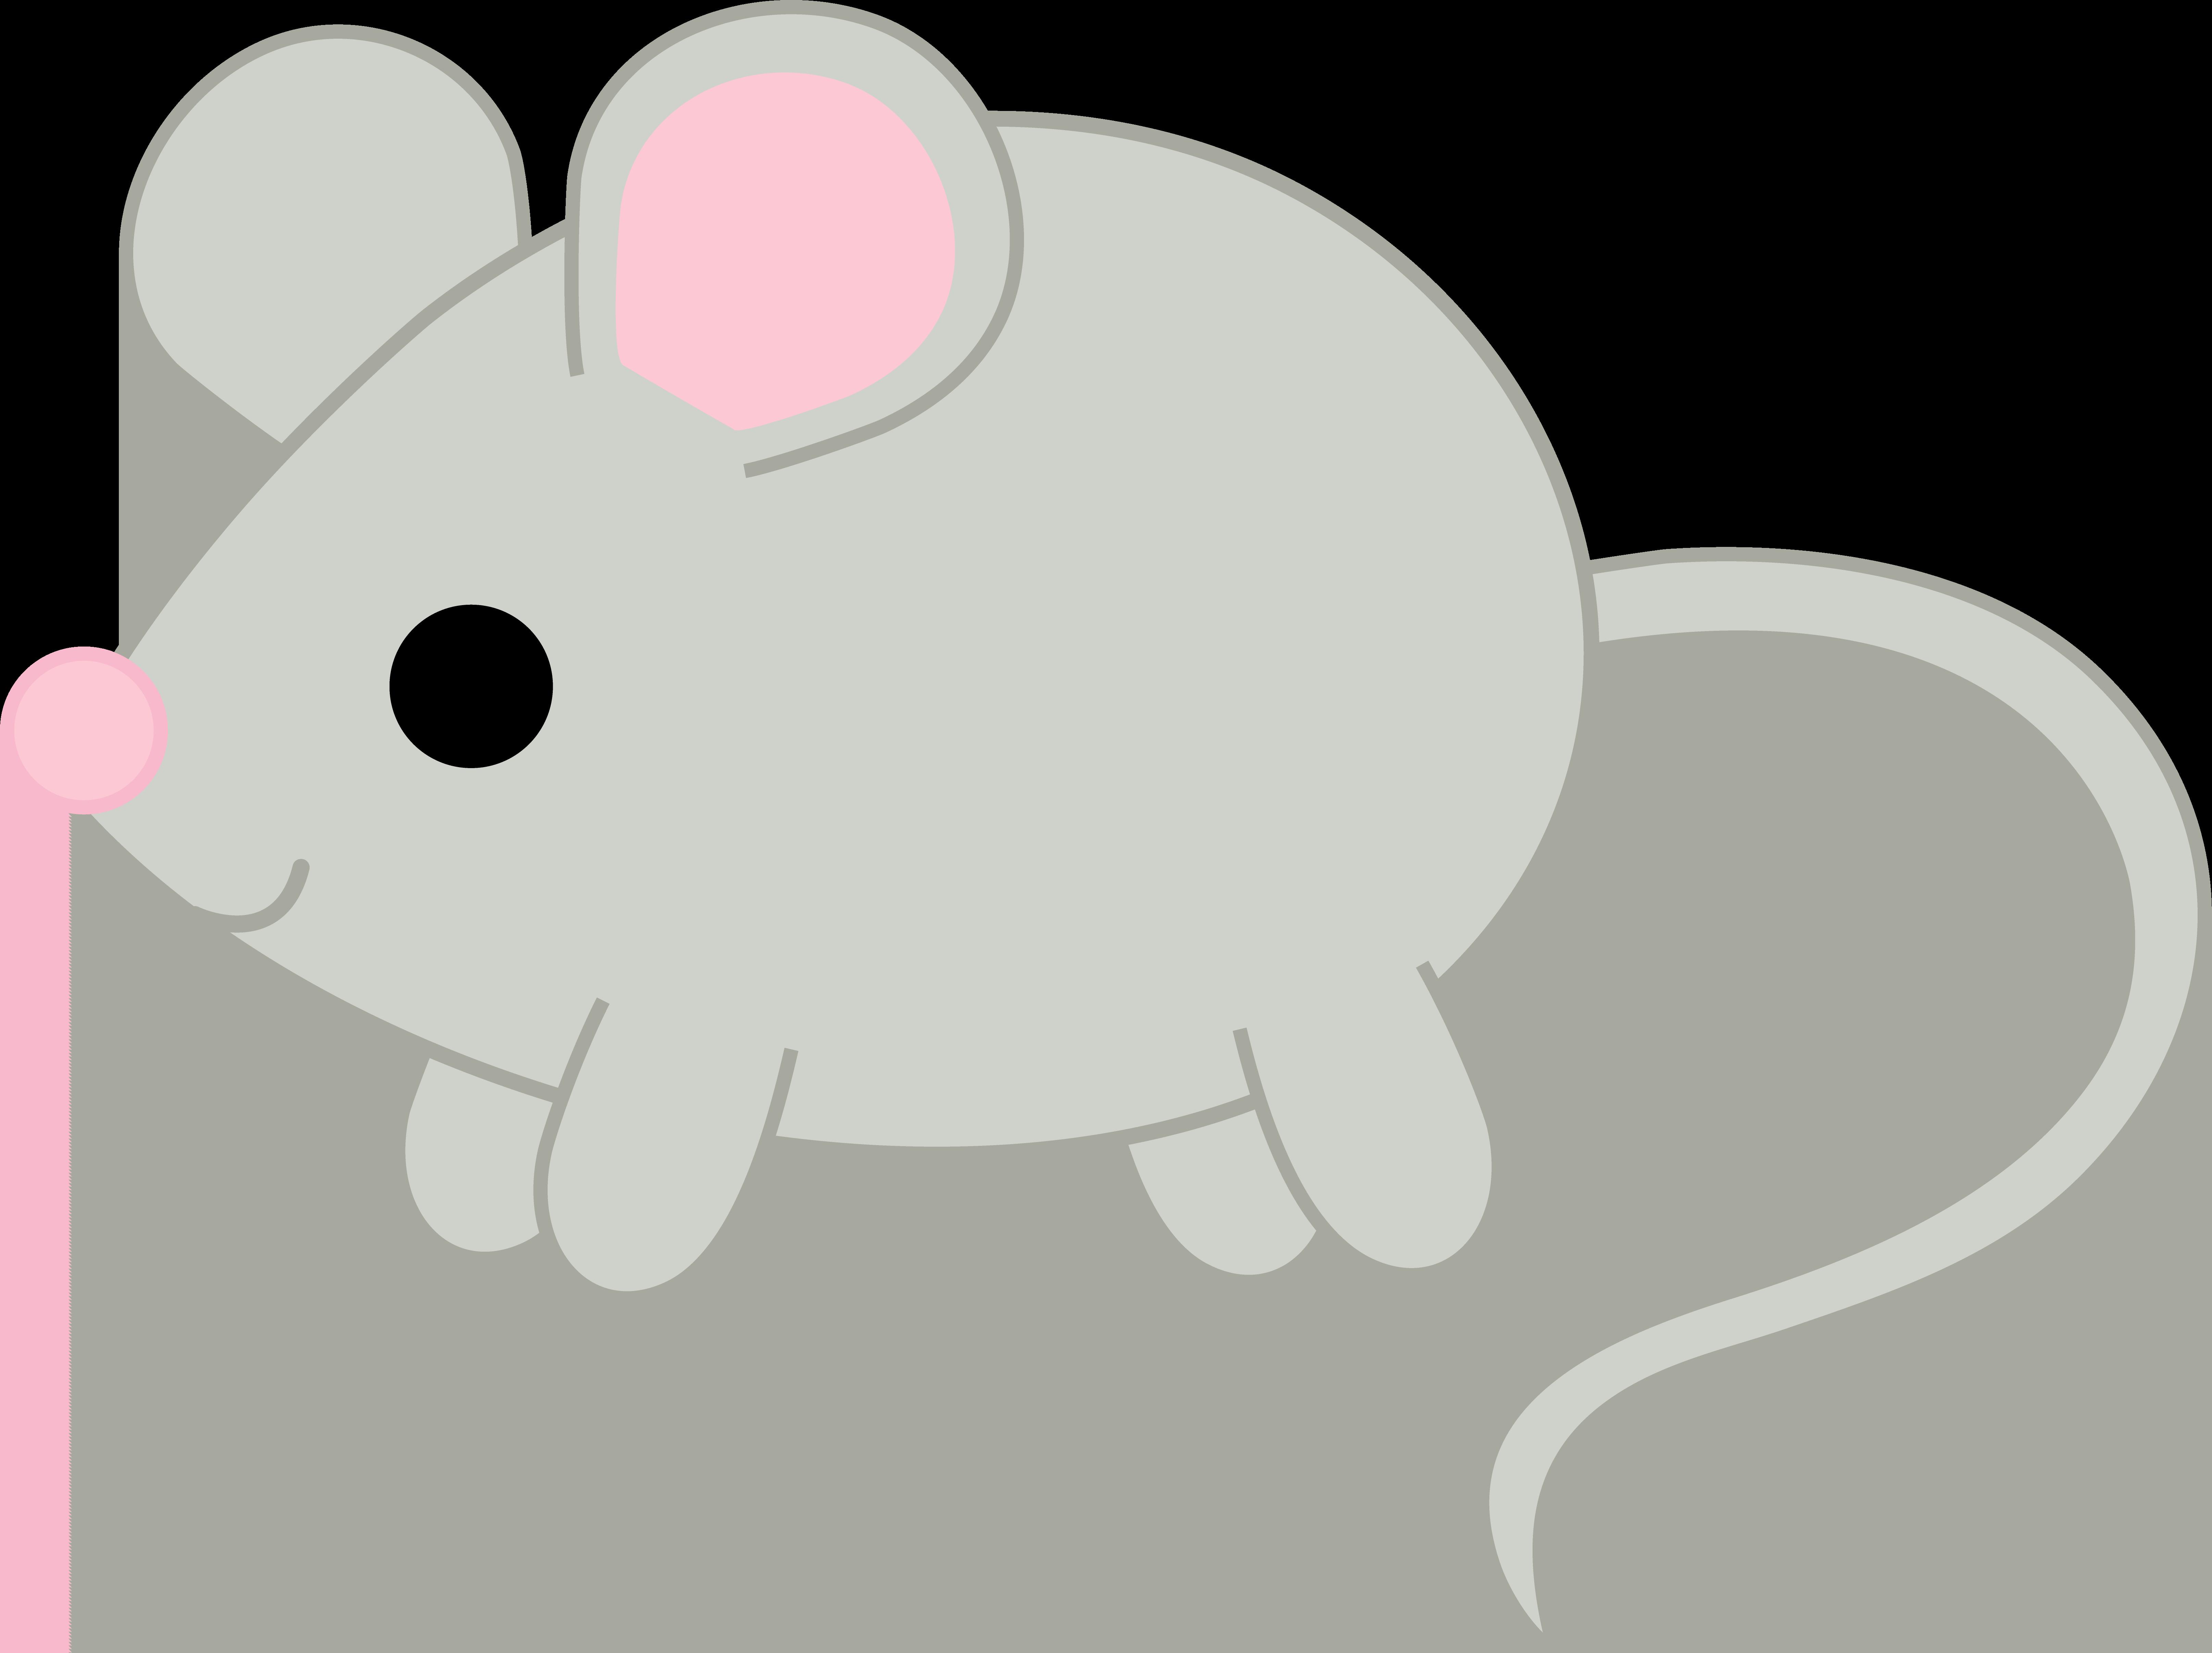 Rat clipart grey mouse #4